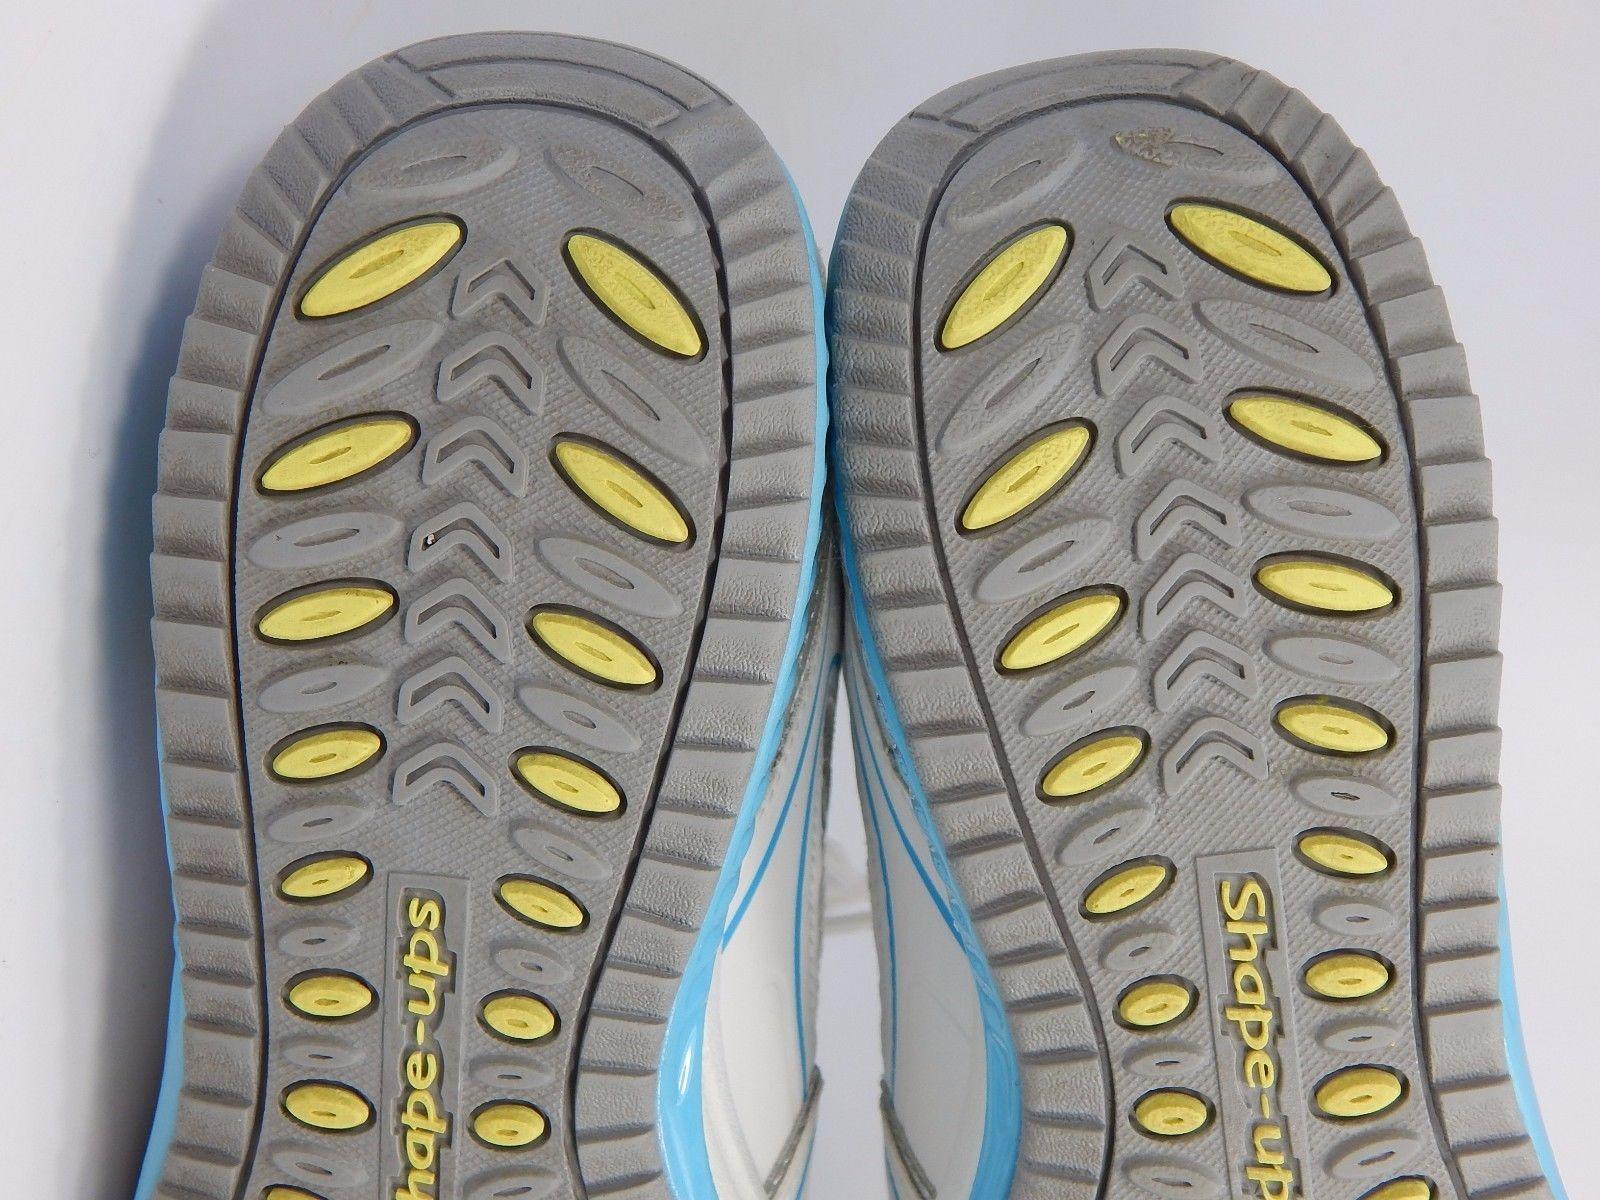 Skechers Shape Ups Women's Running Shoes Size US 7.5 M (B) EU 37.5 White Blue